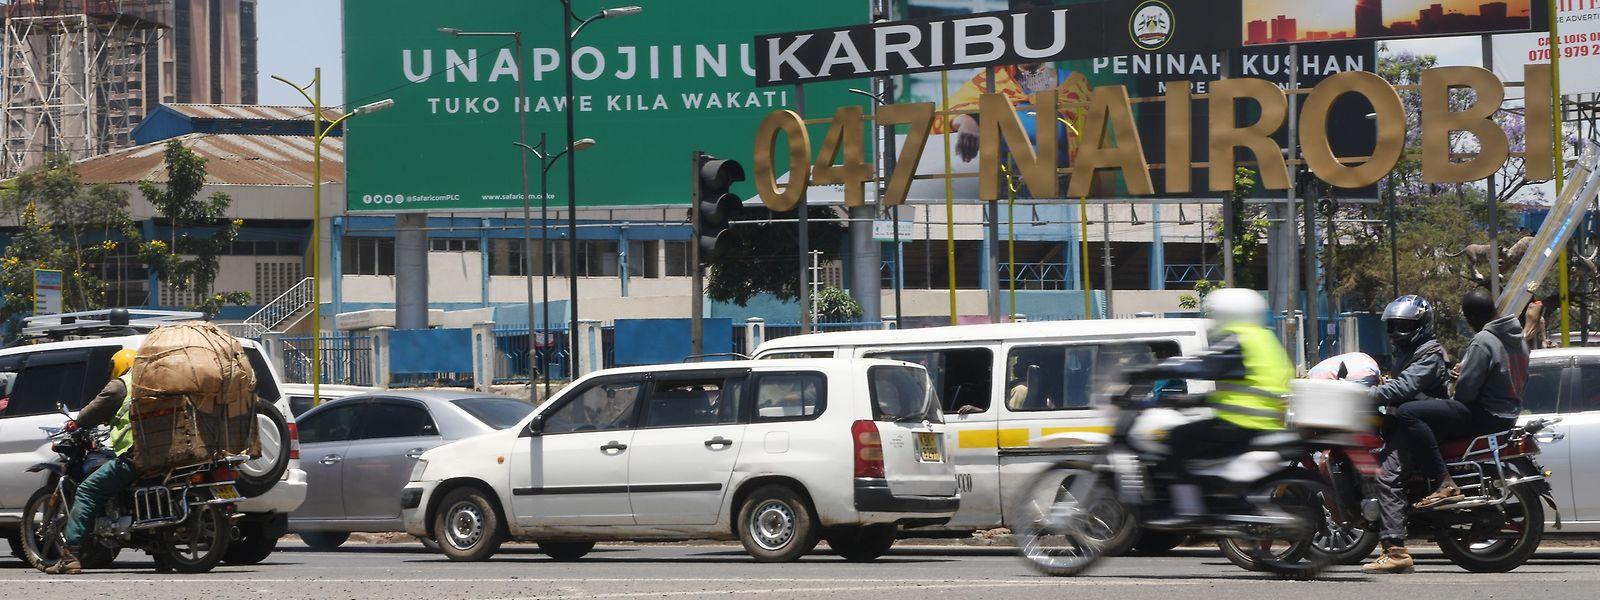 Nairobi ist seit vielen Jahren das unbestrittene Wirtschaftszentrum in Ostafrika.